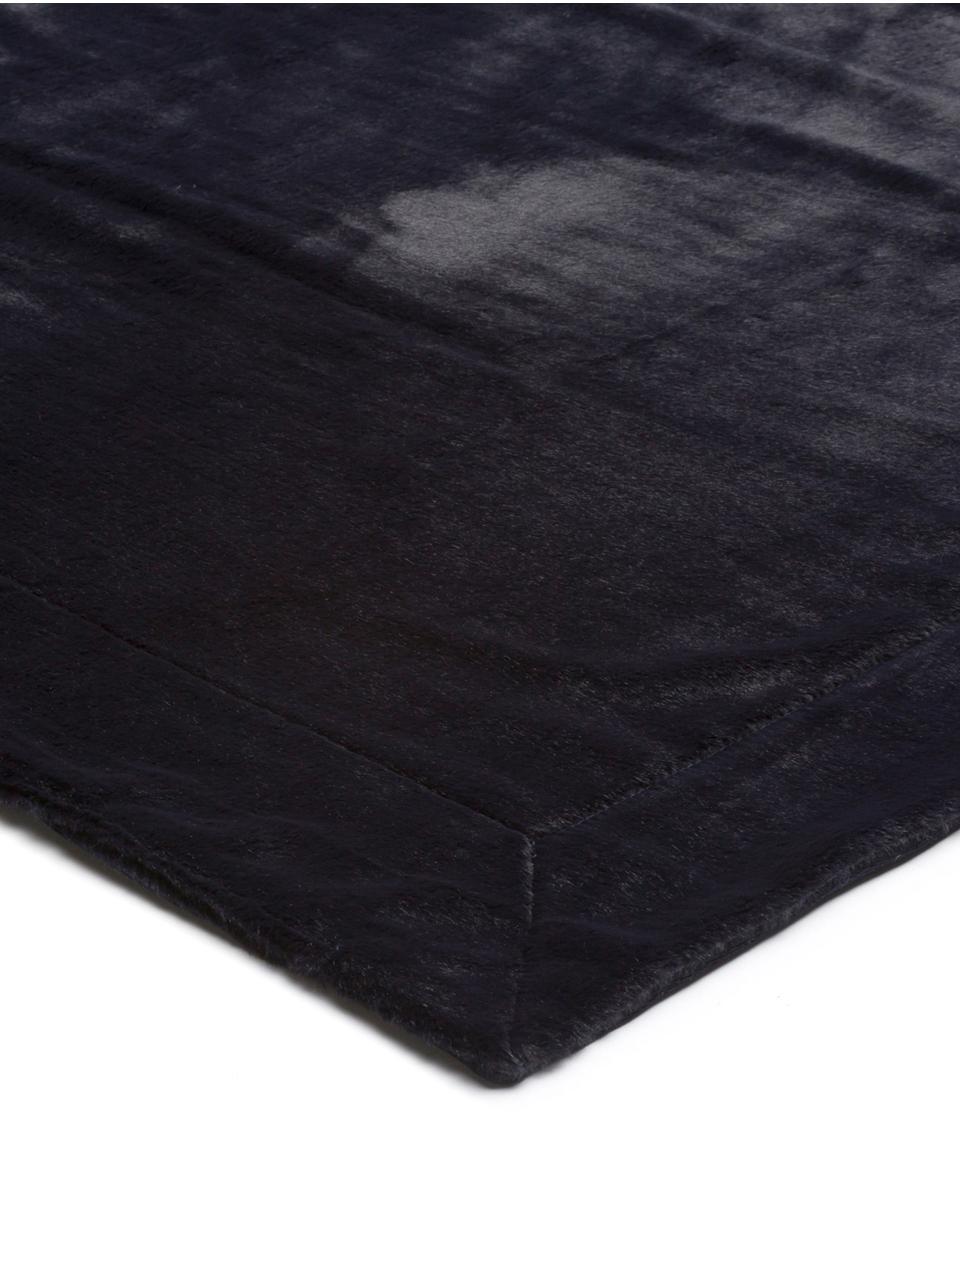 Kuscheldecke Furry aus Kunstfell in Dunkelblau, Vorderseite: 60% Acetat, 40% Polyester, Rückseite: Polyester, Nachtblau, 150 x 200 cm